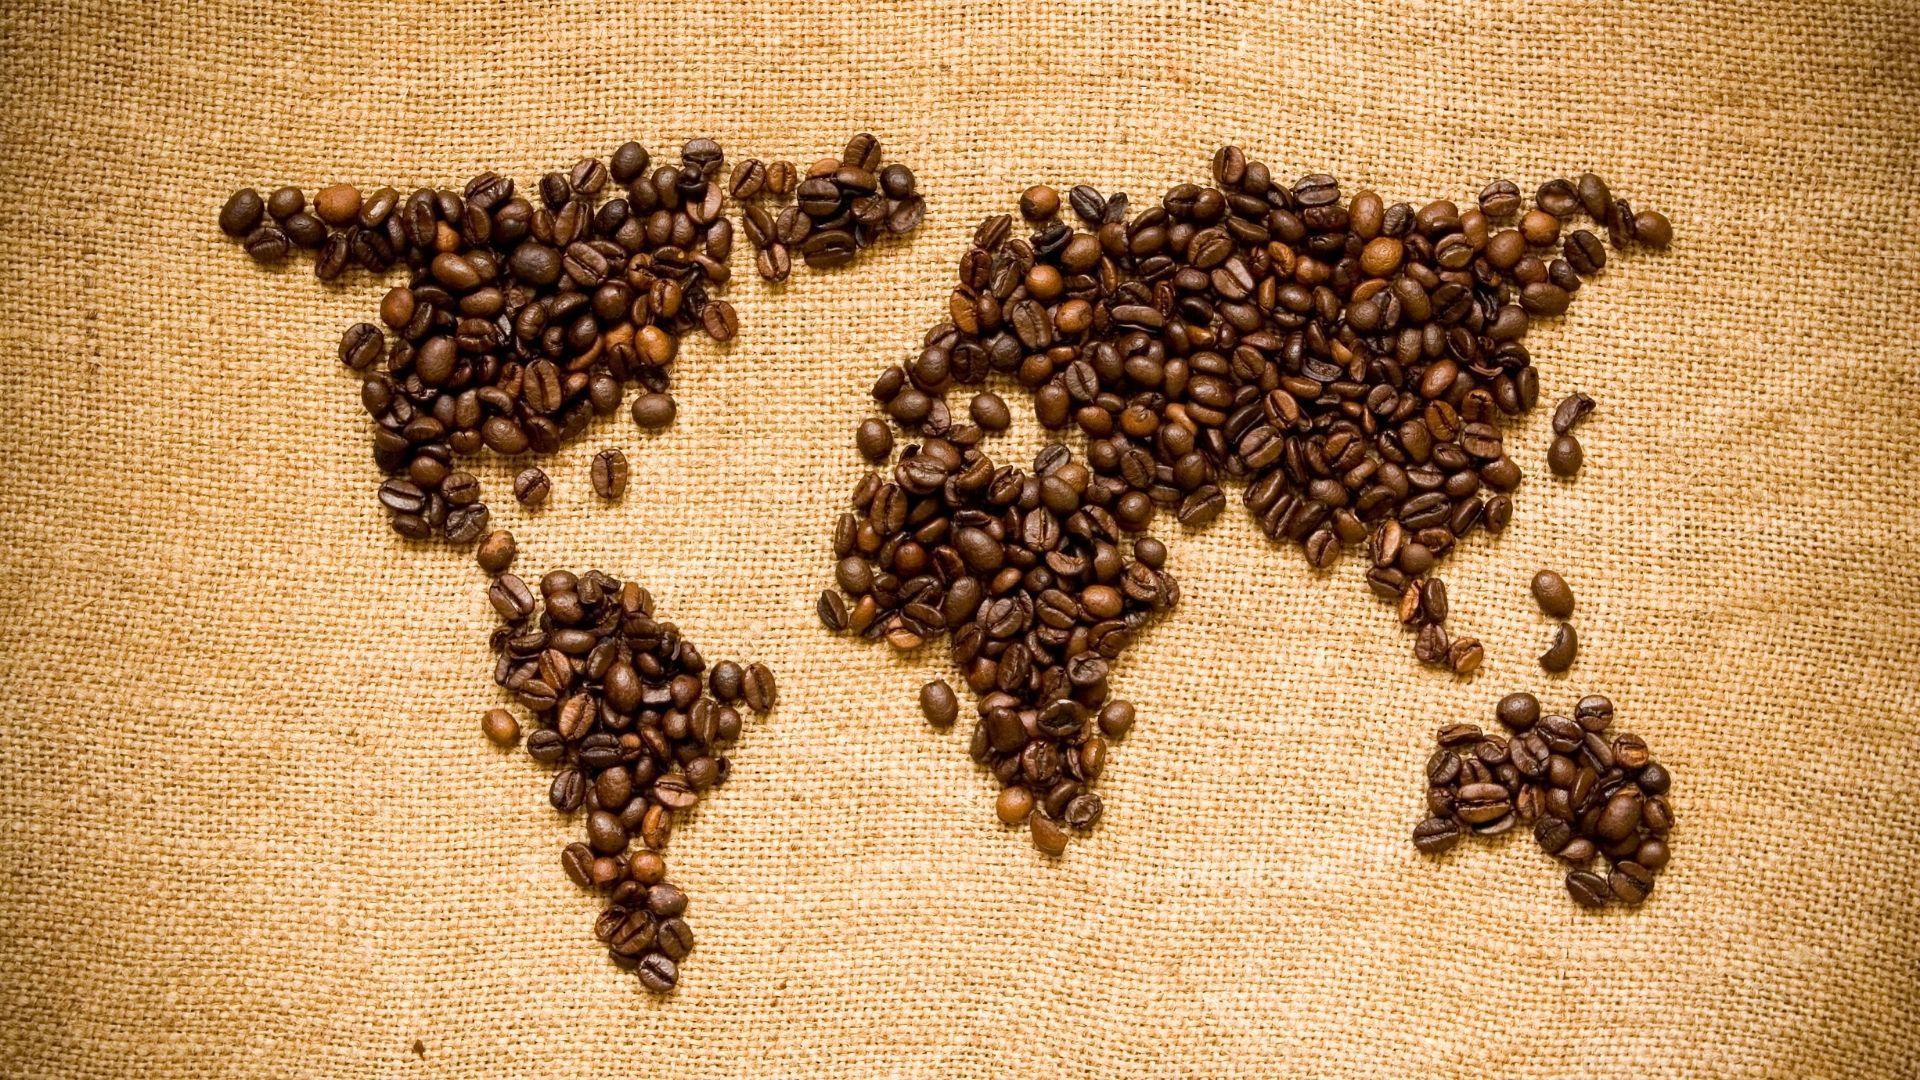 Kávé világnapja? Tudjon meg többet a Nemzetközi Kávé Napról. Akár az eszpresszót, az americanos-t, a latte-t vagy a cappuccinót kedveli; jeges, koffeinmentes, azonnali vagy szűrős - A kávé világnapja az a nap, amikor megkóstolhatja és értékelheti italát, sőt, akár ingyen is vehet egyet az egyes kávézóban.